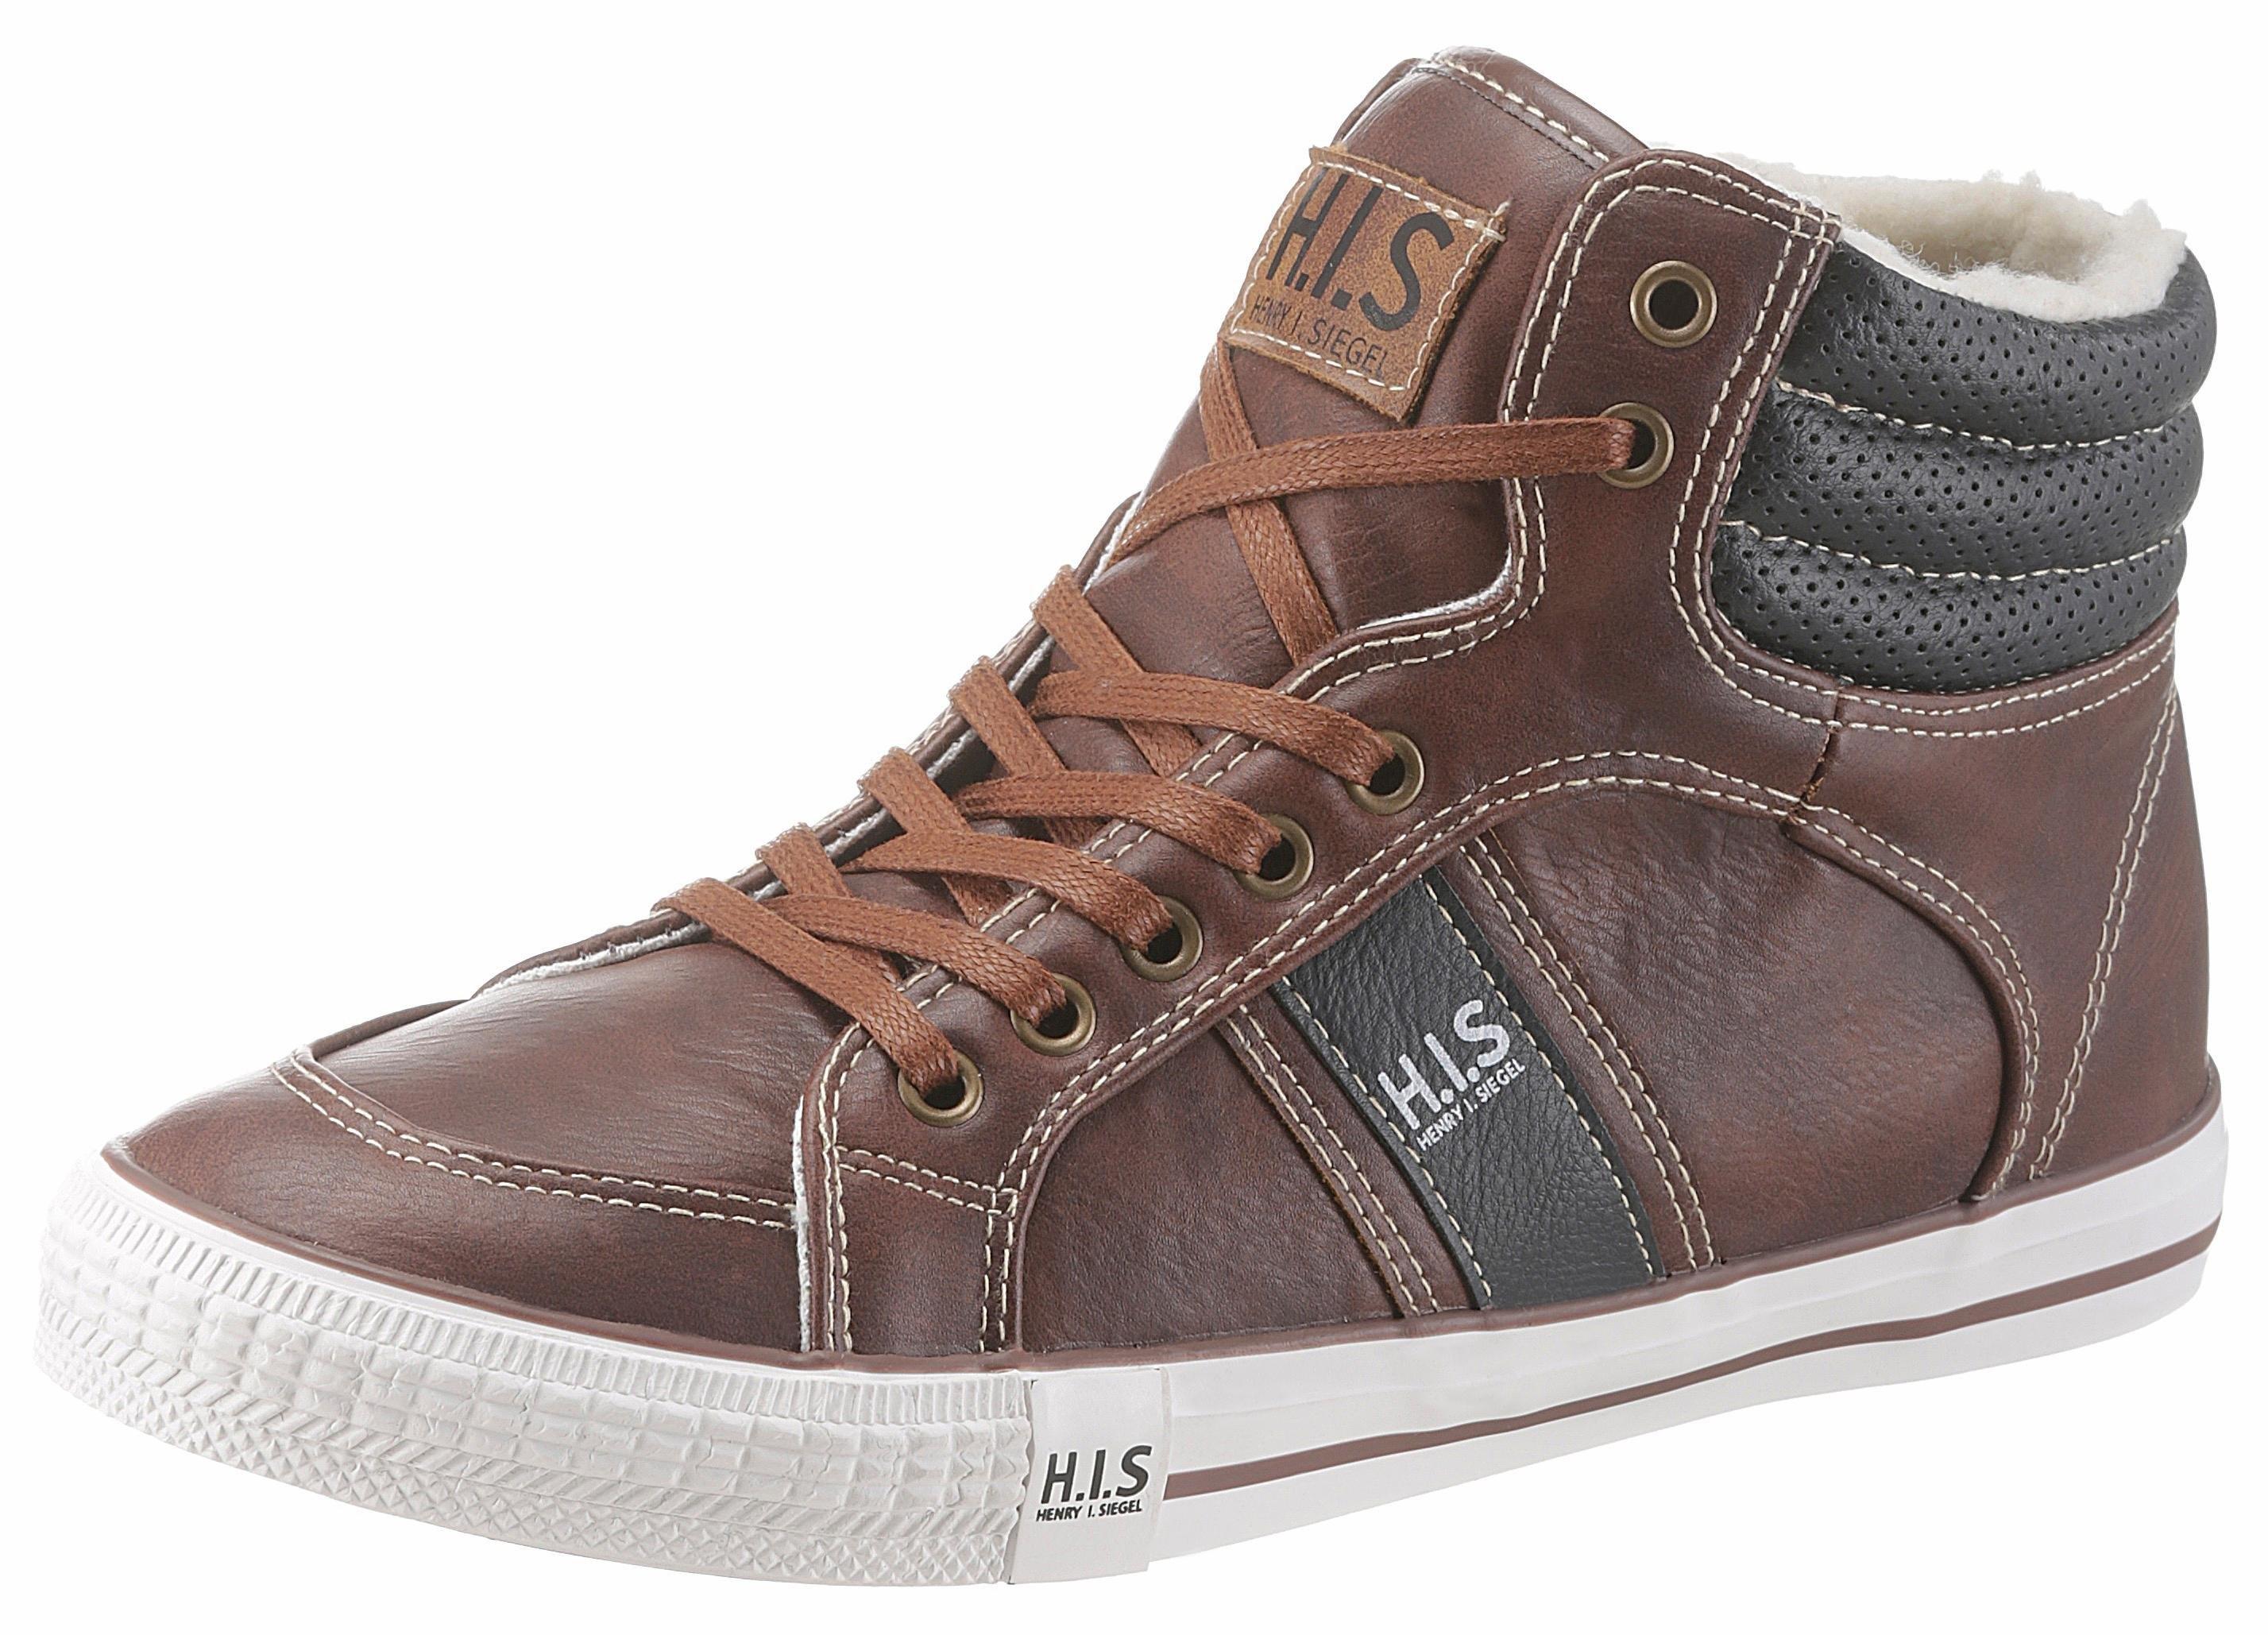 His Jeans H.I.S sneakers - gratis ruilen op otto.nl